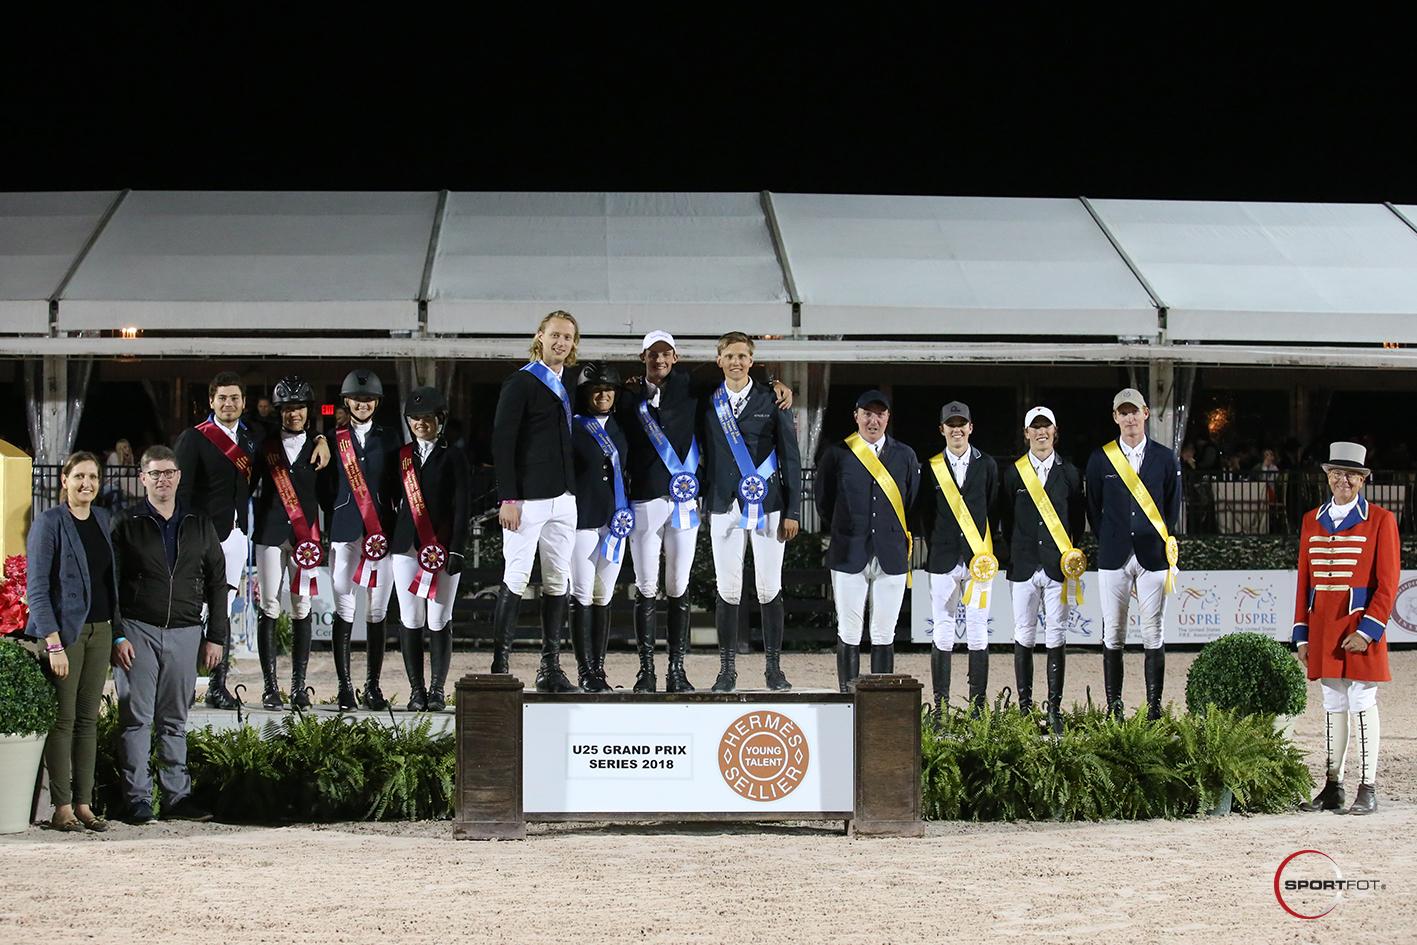 U25 Team top 3 podium 297_9790 Sportfot (1)